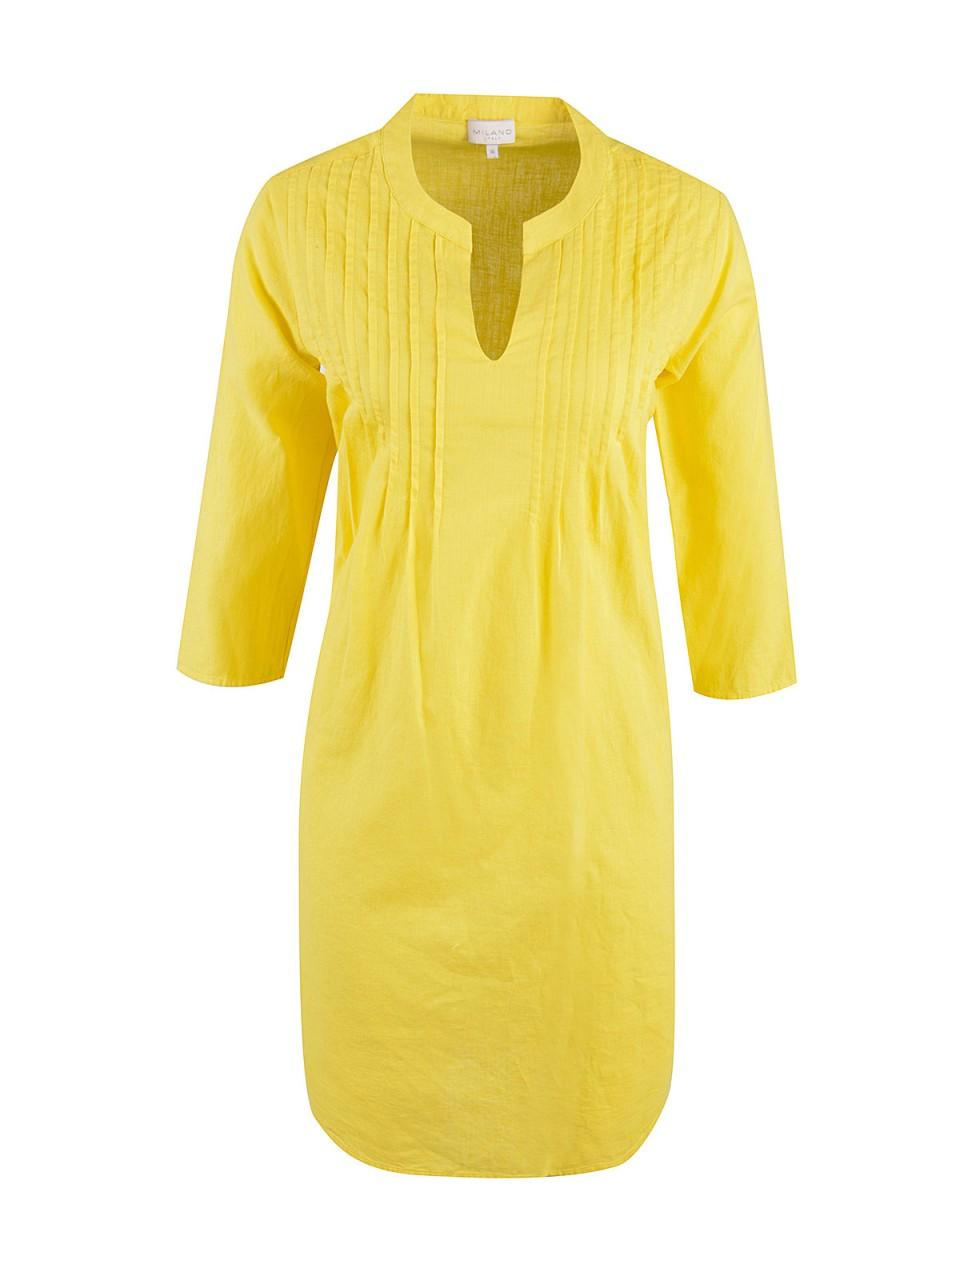 Kleider - MILANO ITALY Damen Kleid, gelb  - Onlineshop Designermode.com